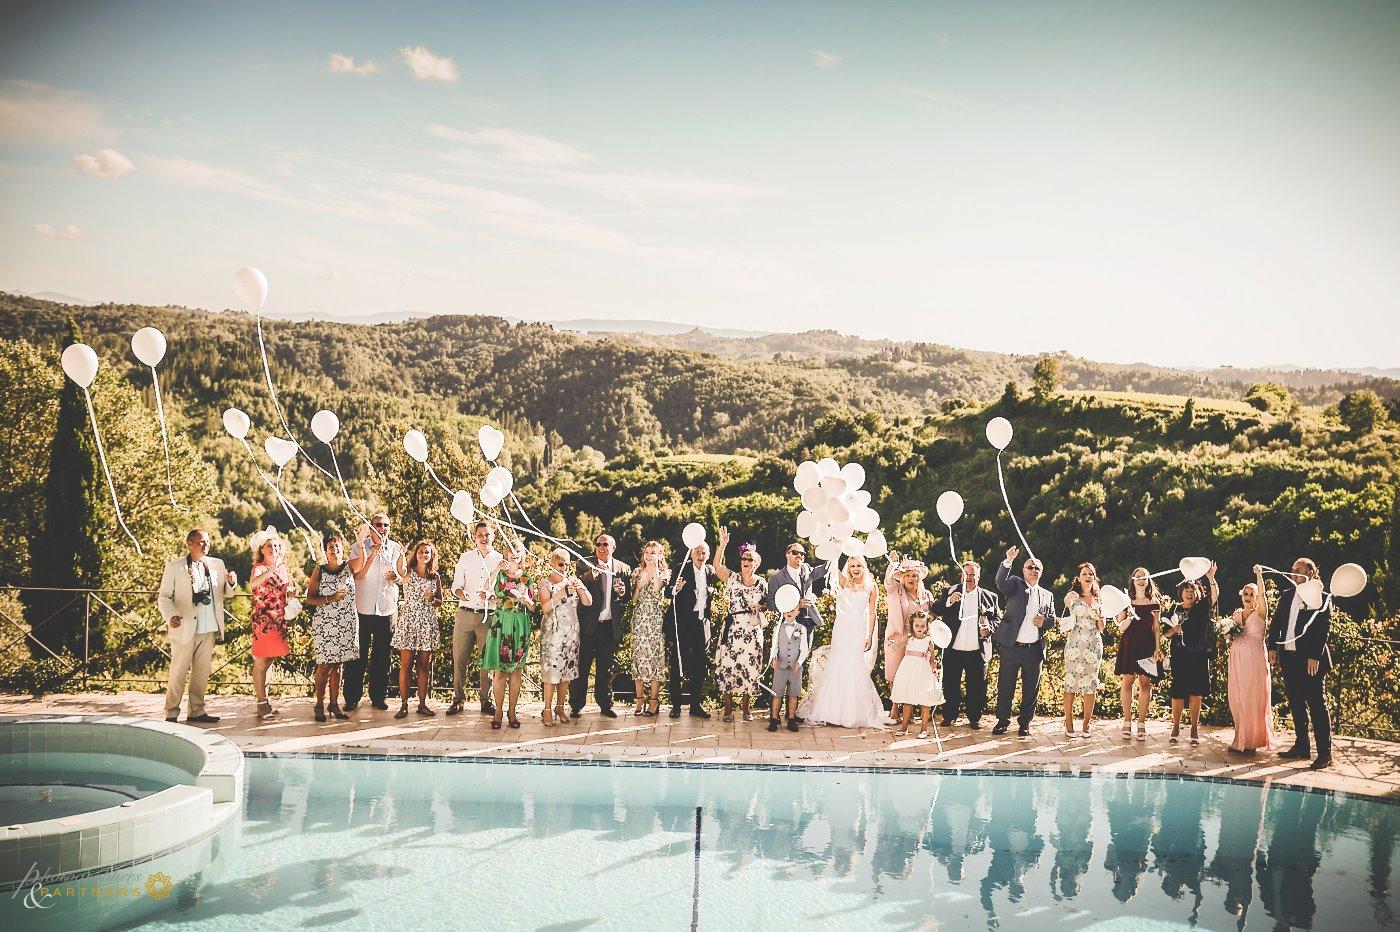 photography_weddings_bucciano_11.jpg